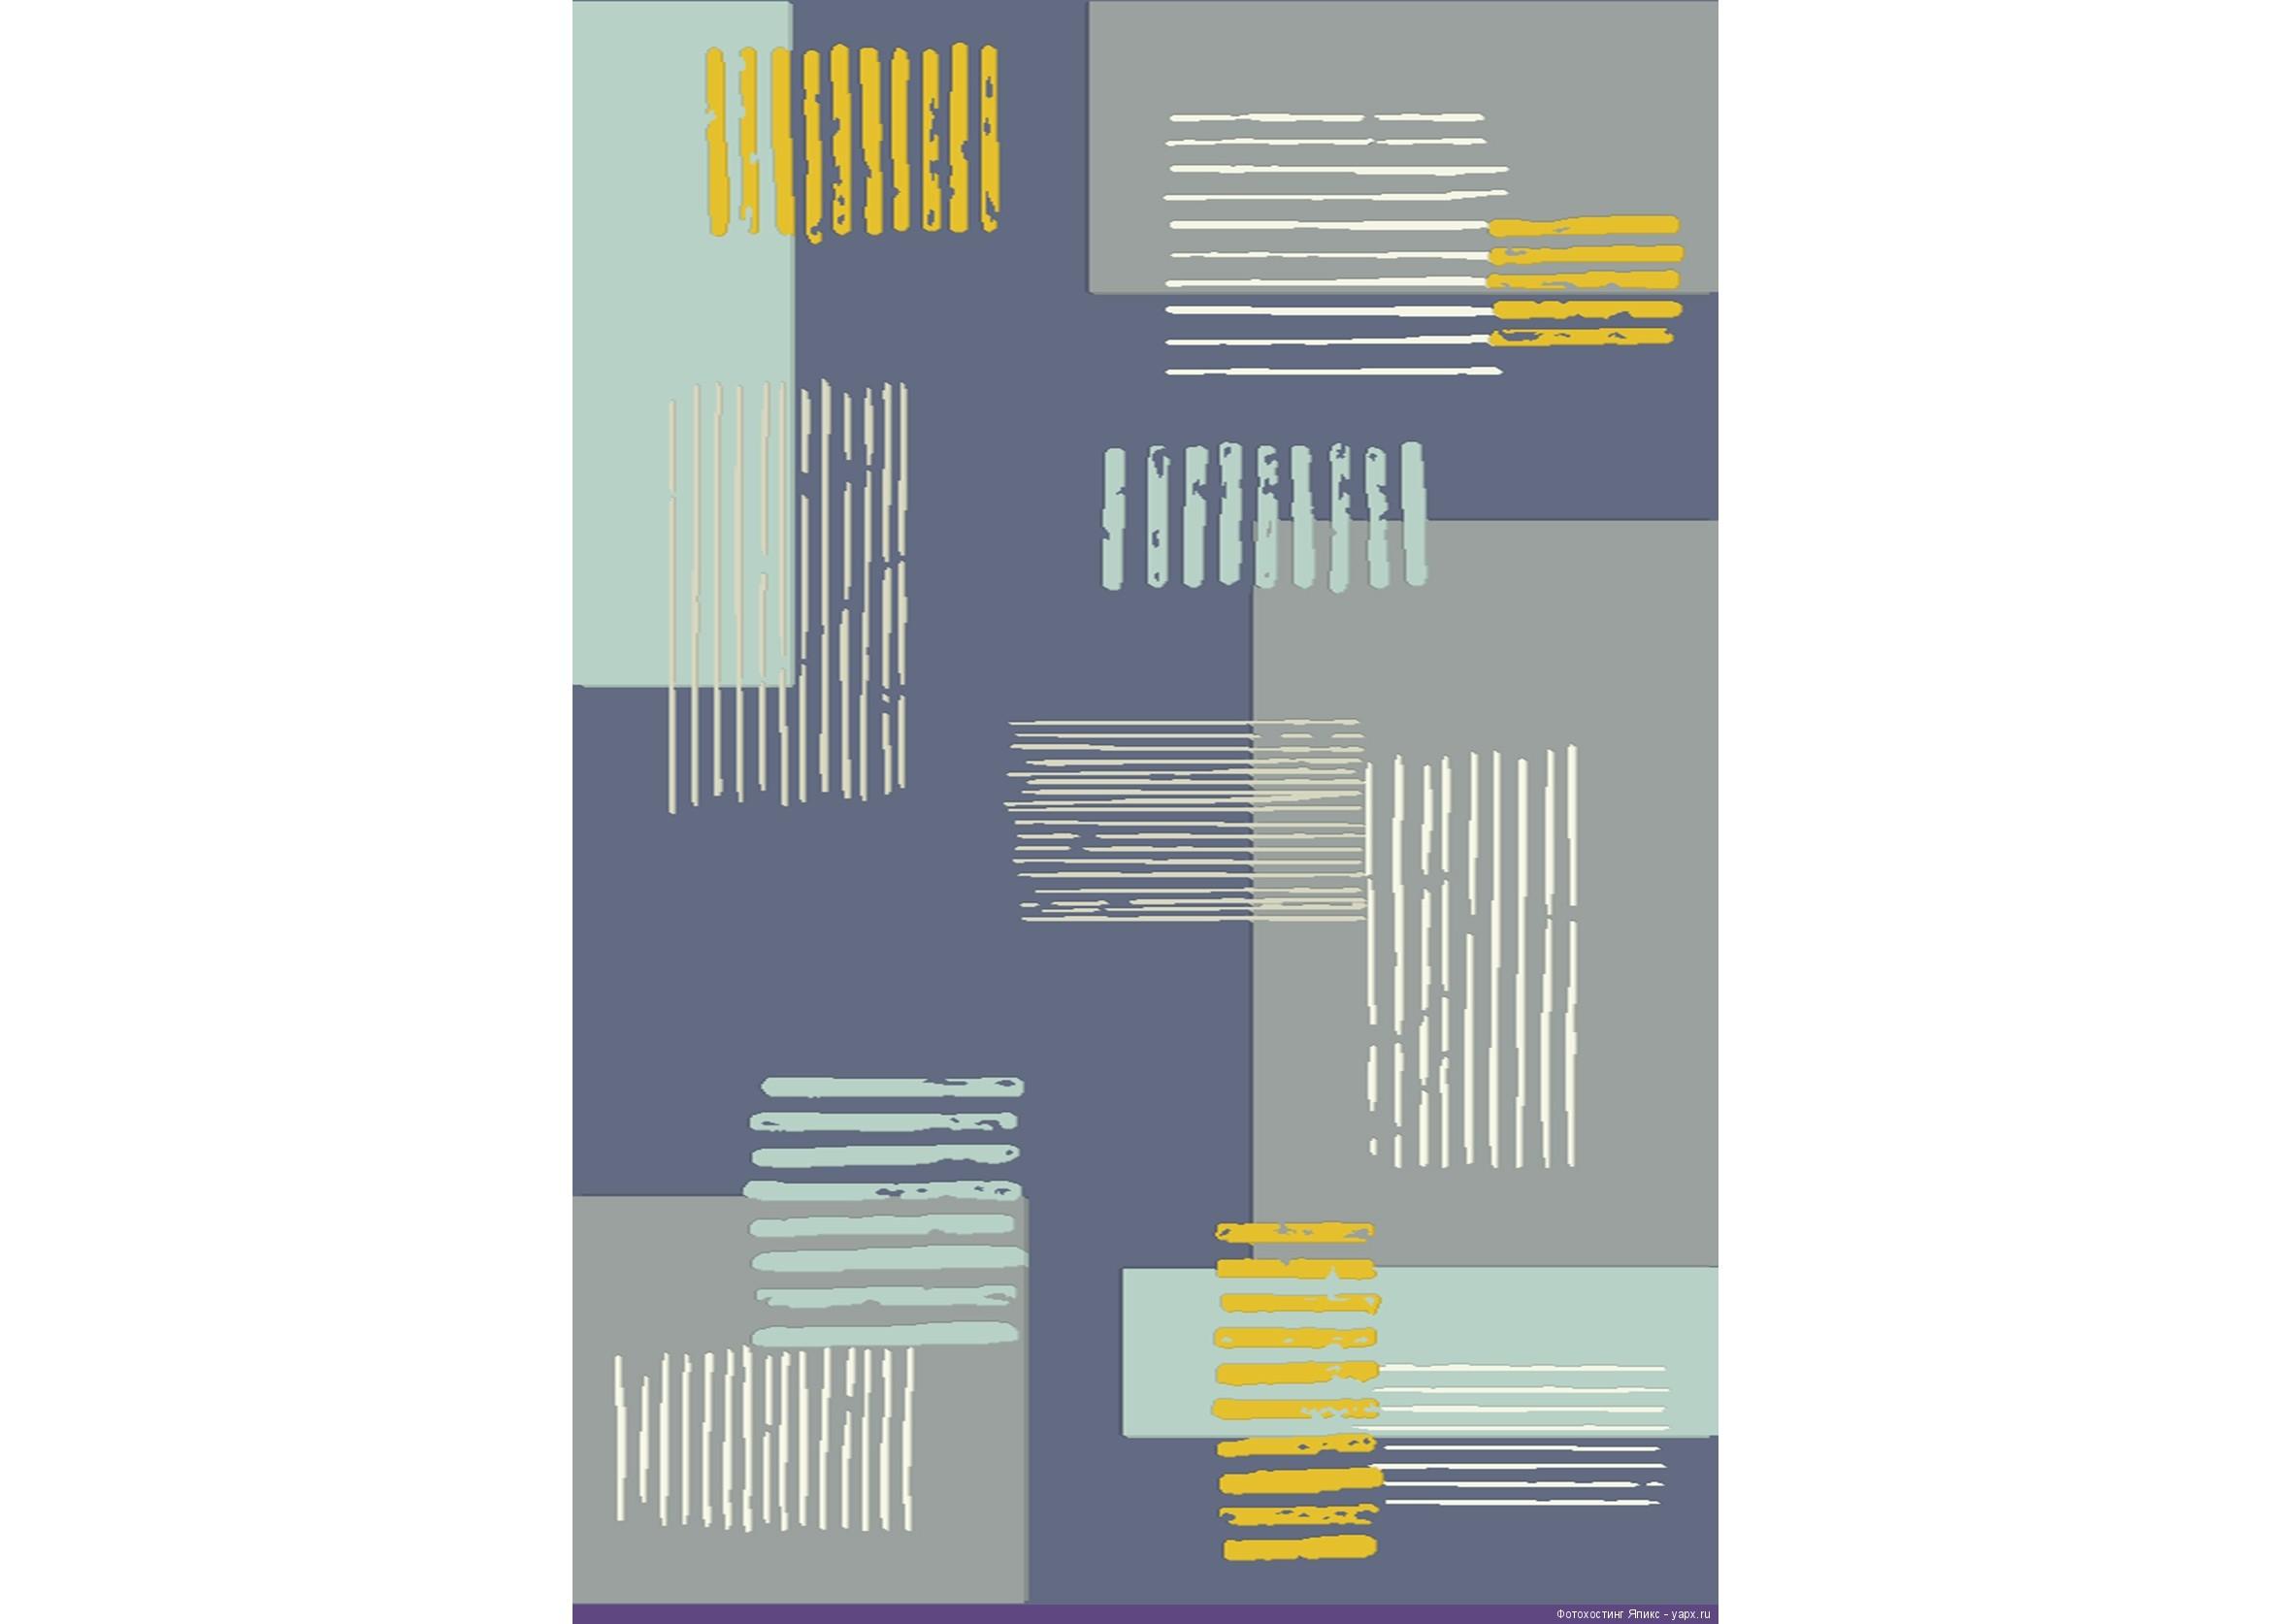 Ковер Canvas 150х80Прямоугольные ковры<br>Прекрасно вписывается в любой интерьер.&amp;lt;div&amp;gt;Актуальная цветовая гамма.&amp;amp;nbsp;&amp;lt;br&amp;gt;&amp;lt;/div&amp;gt;&amp;lt;div&amp;gt;Материал: 100% Полипропилен.&amp;lt;br&amp;gt;&amp;lt;/div&amp;gt;<br><br>Material: Текстиль<br>Ширина см: 150<br>Глубина см: 80